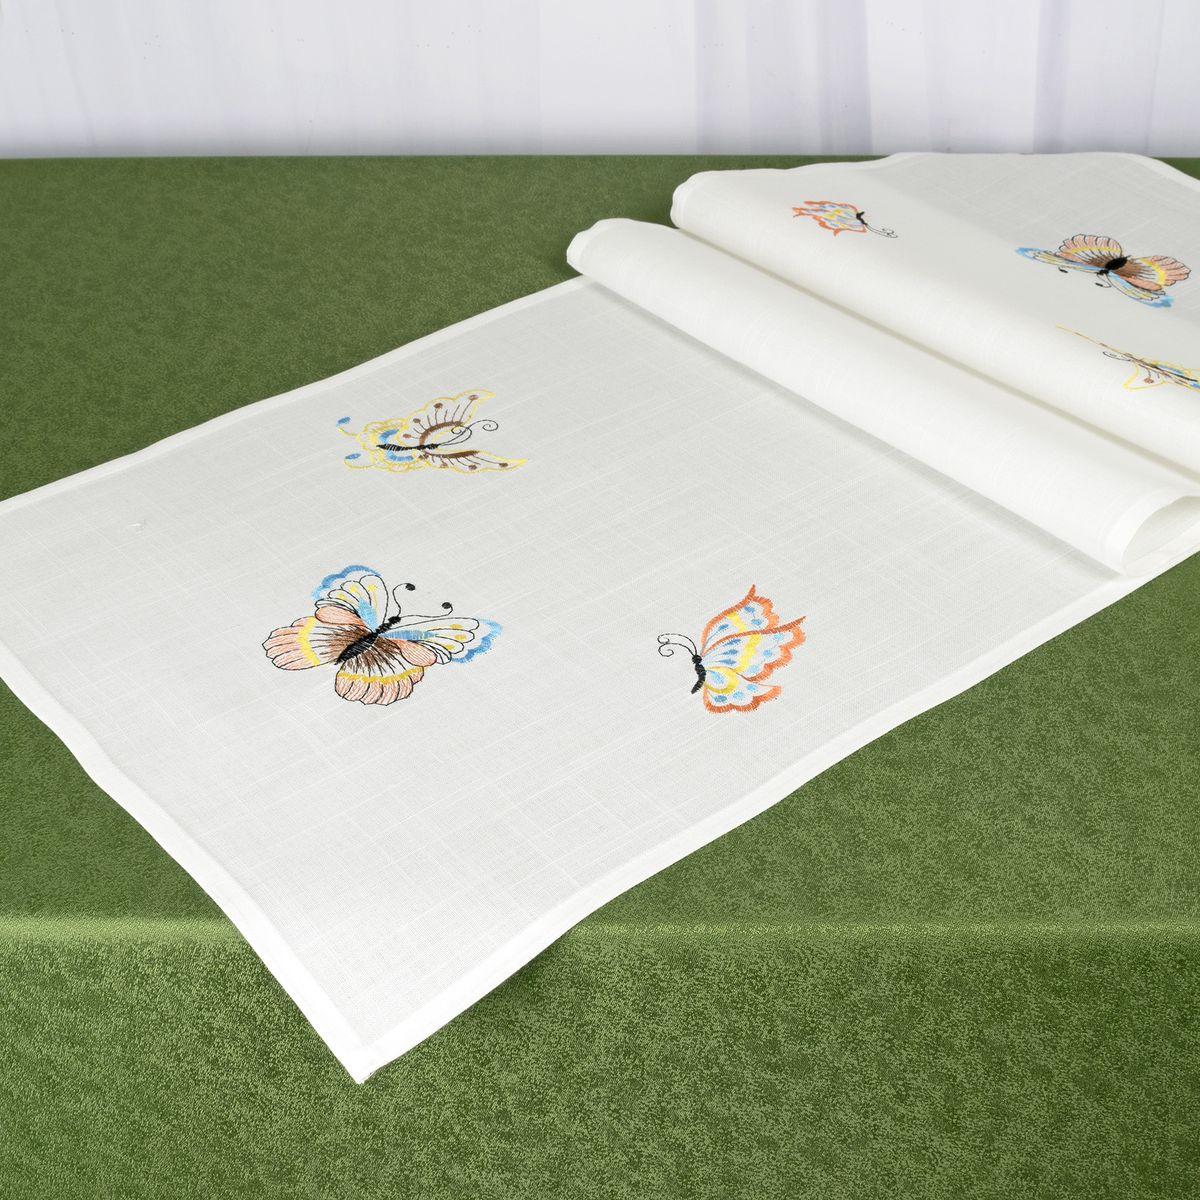 Дорожка для декорирования стола Schaefer, 40 x 140 см, цвет: белый. 07720-21107720-211Дорожка для декорирования стола Schaefer может быть использована, как основной элемент, так и дополнение для создания уюта и романтического настроения.Дорожка выполнена из полиэстера. Изделие легко стирать: оно не мнется, не садится и быстро сохнет, более долговечно, чем изделие из натуральных волокон.Материал: 100% полиэстер.Размер: 40 x 140 см